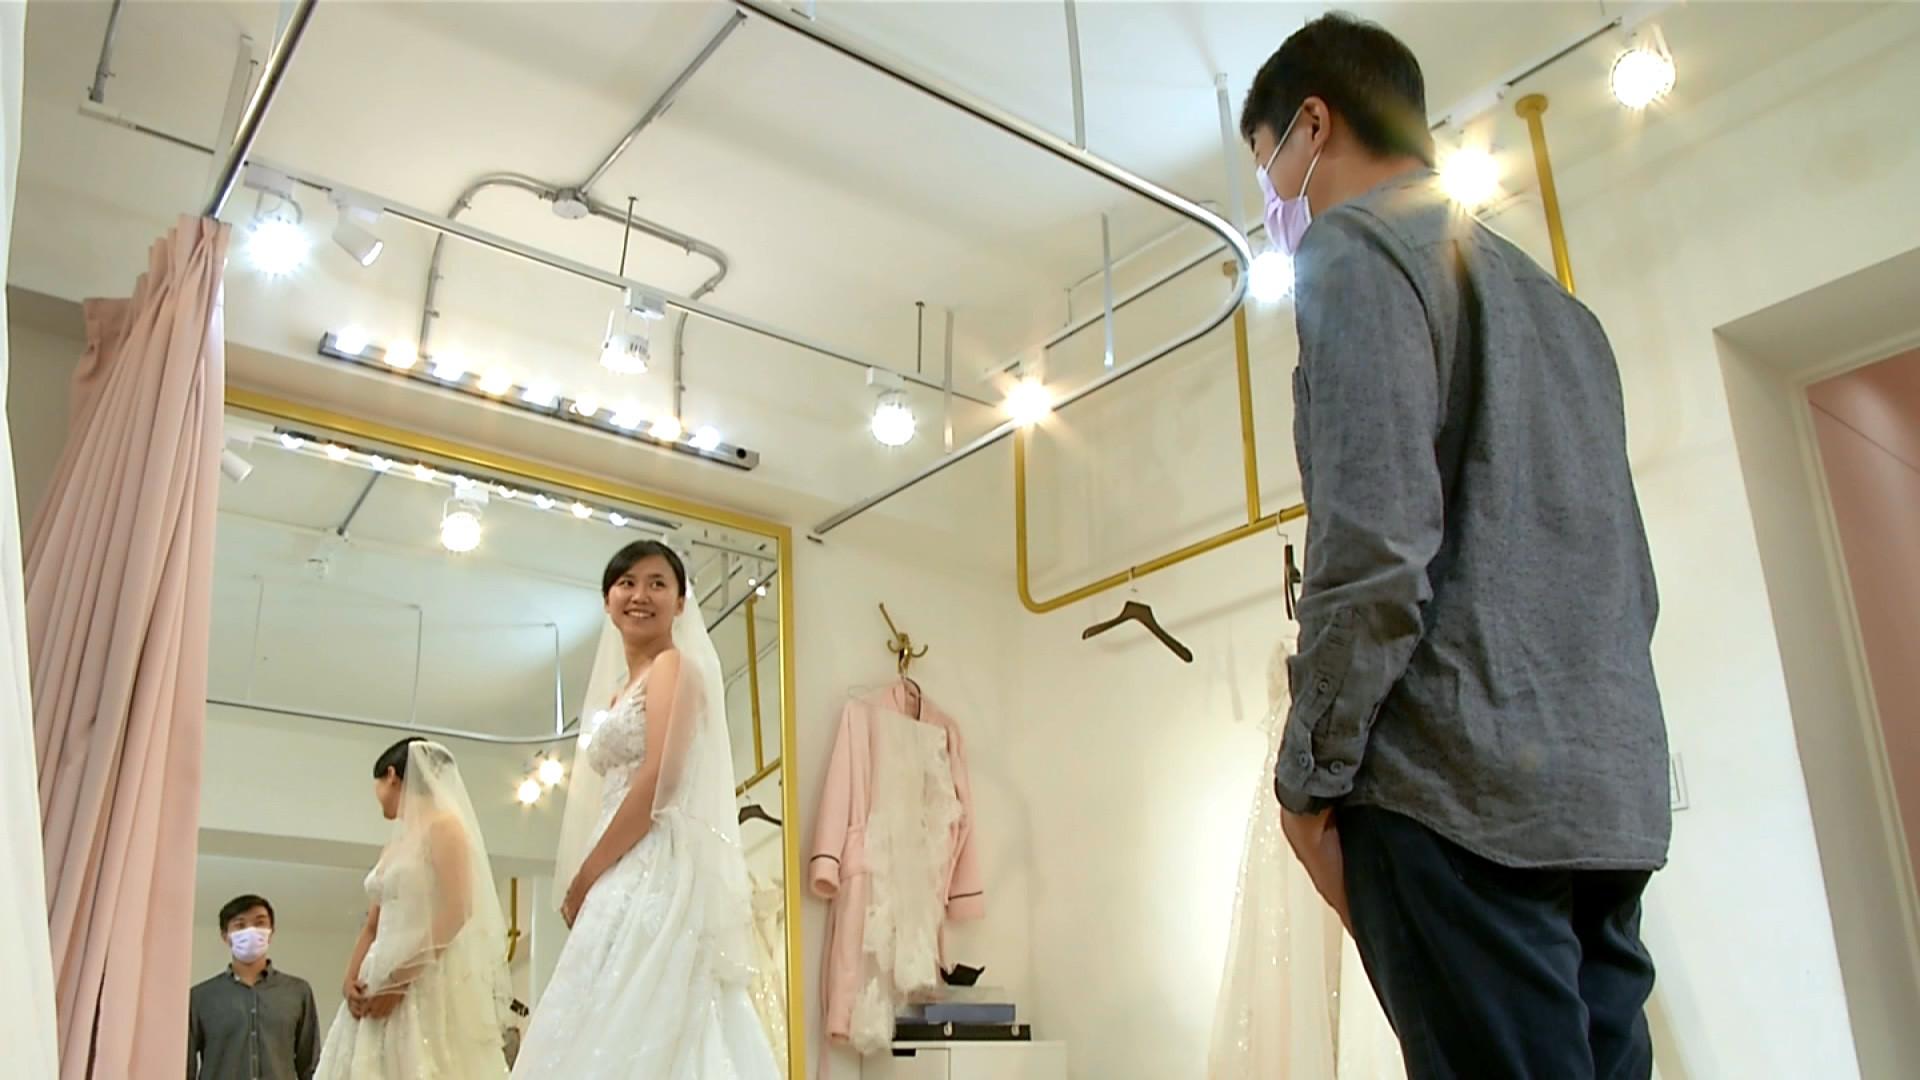 疫情趨緩「補辦婚宴潮」湧現 婚禮市場漸復甦